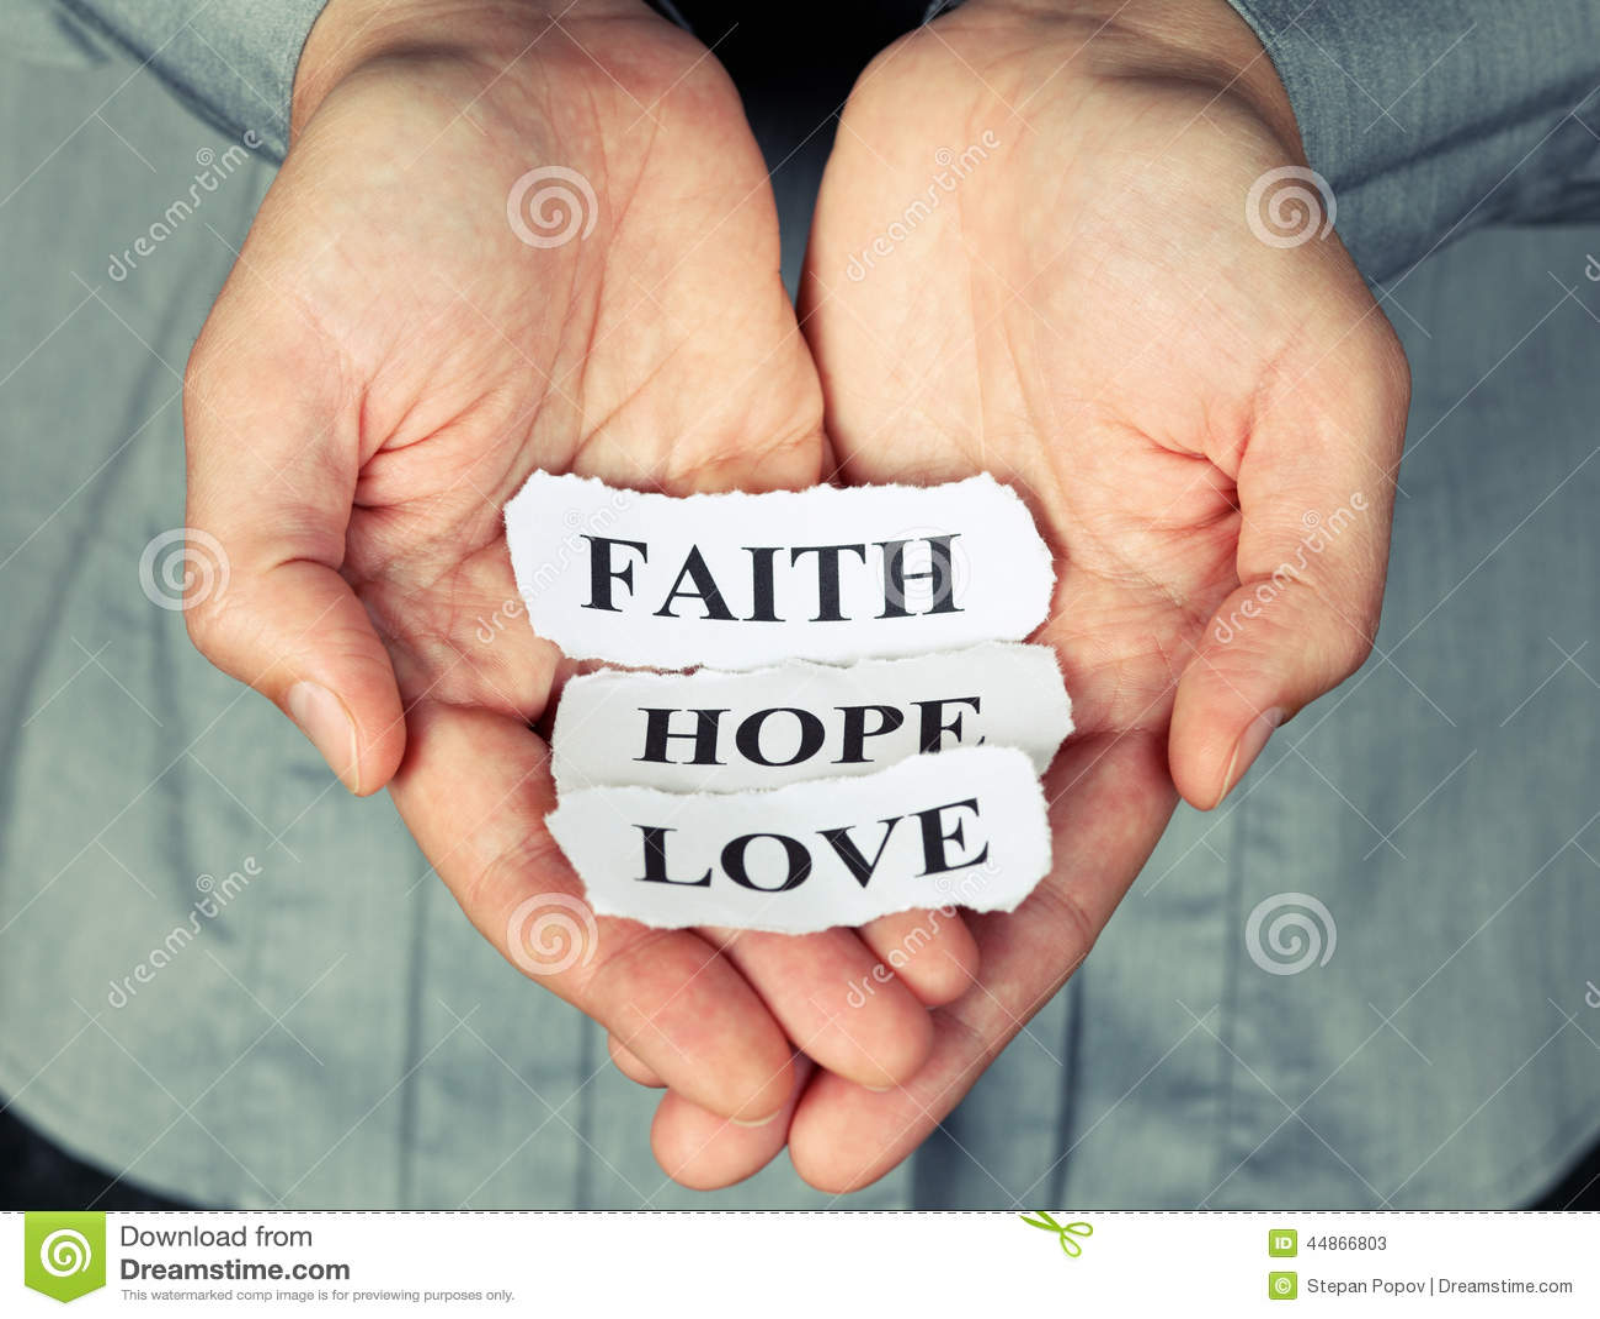 Πίστη, ελπίδα και αγάπη